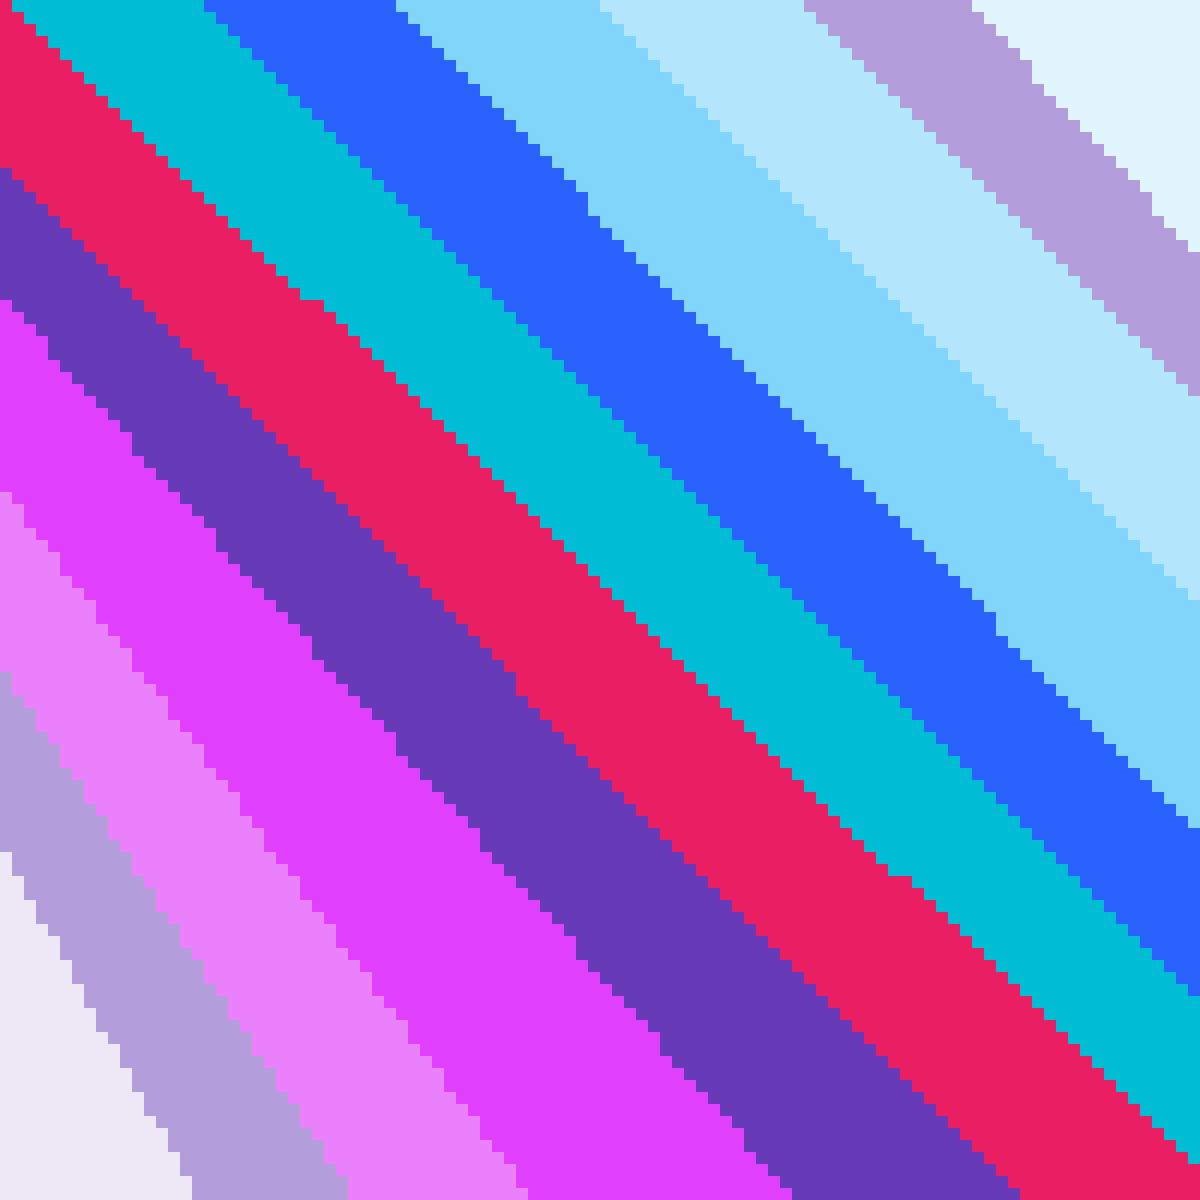 Rainbow by Uninevie